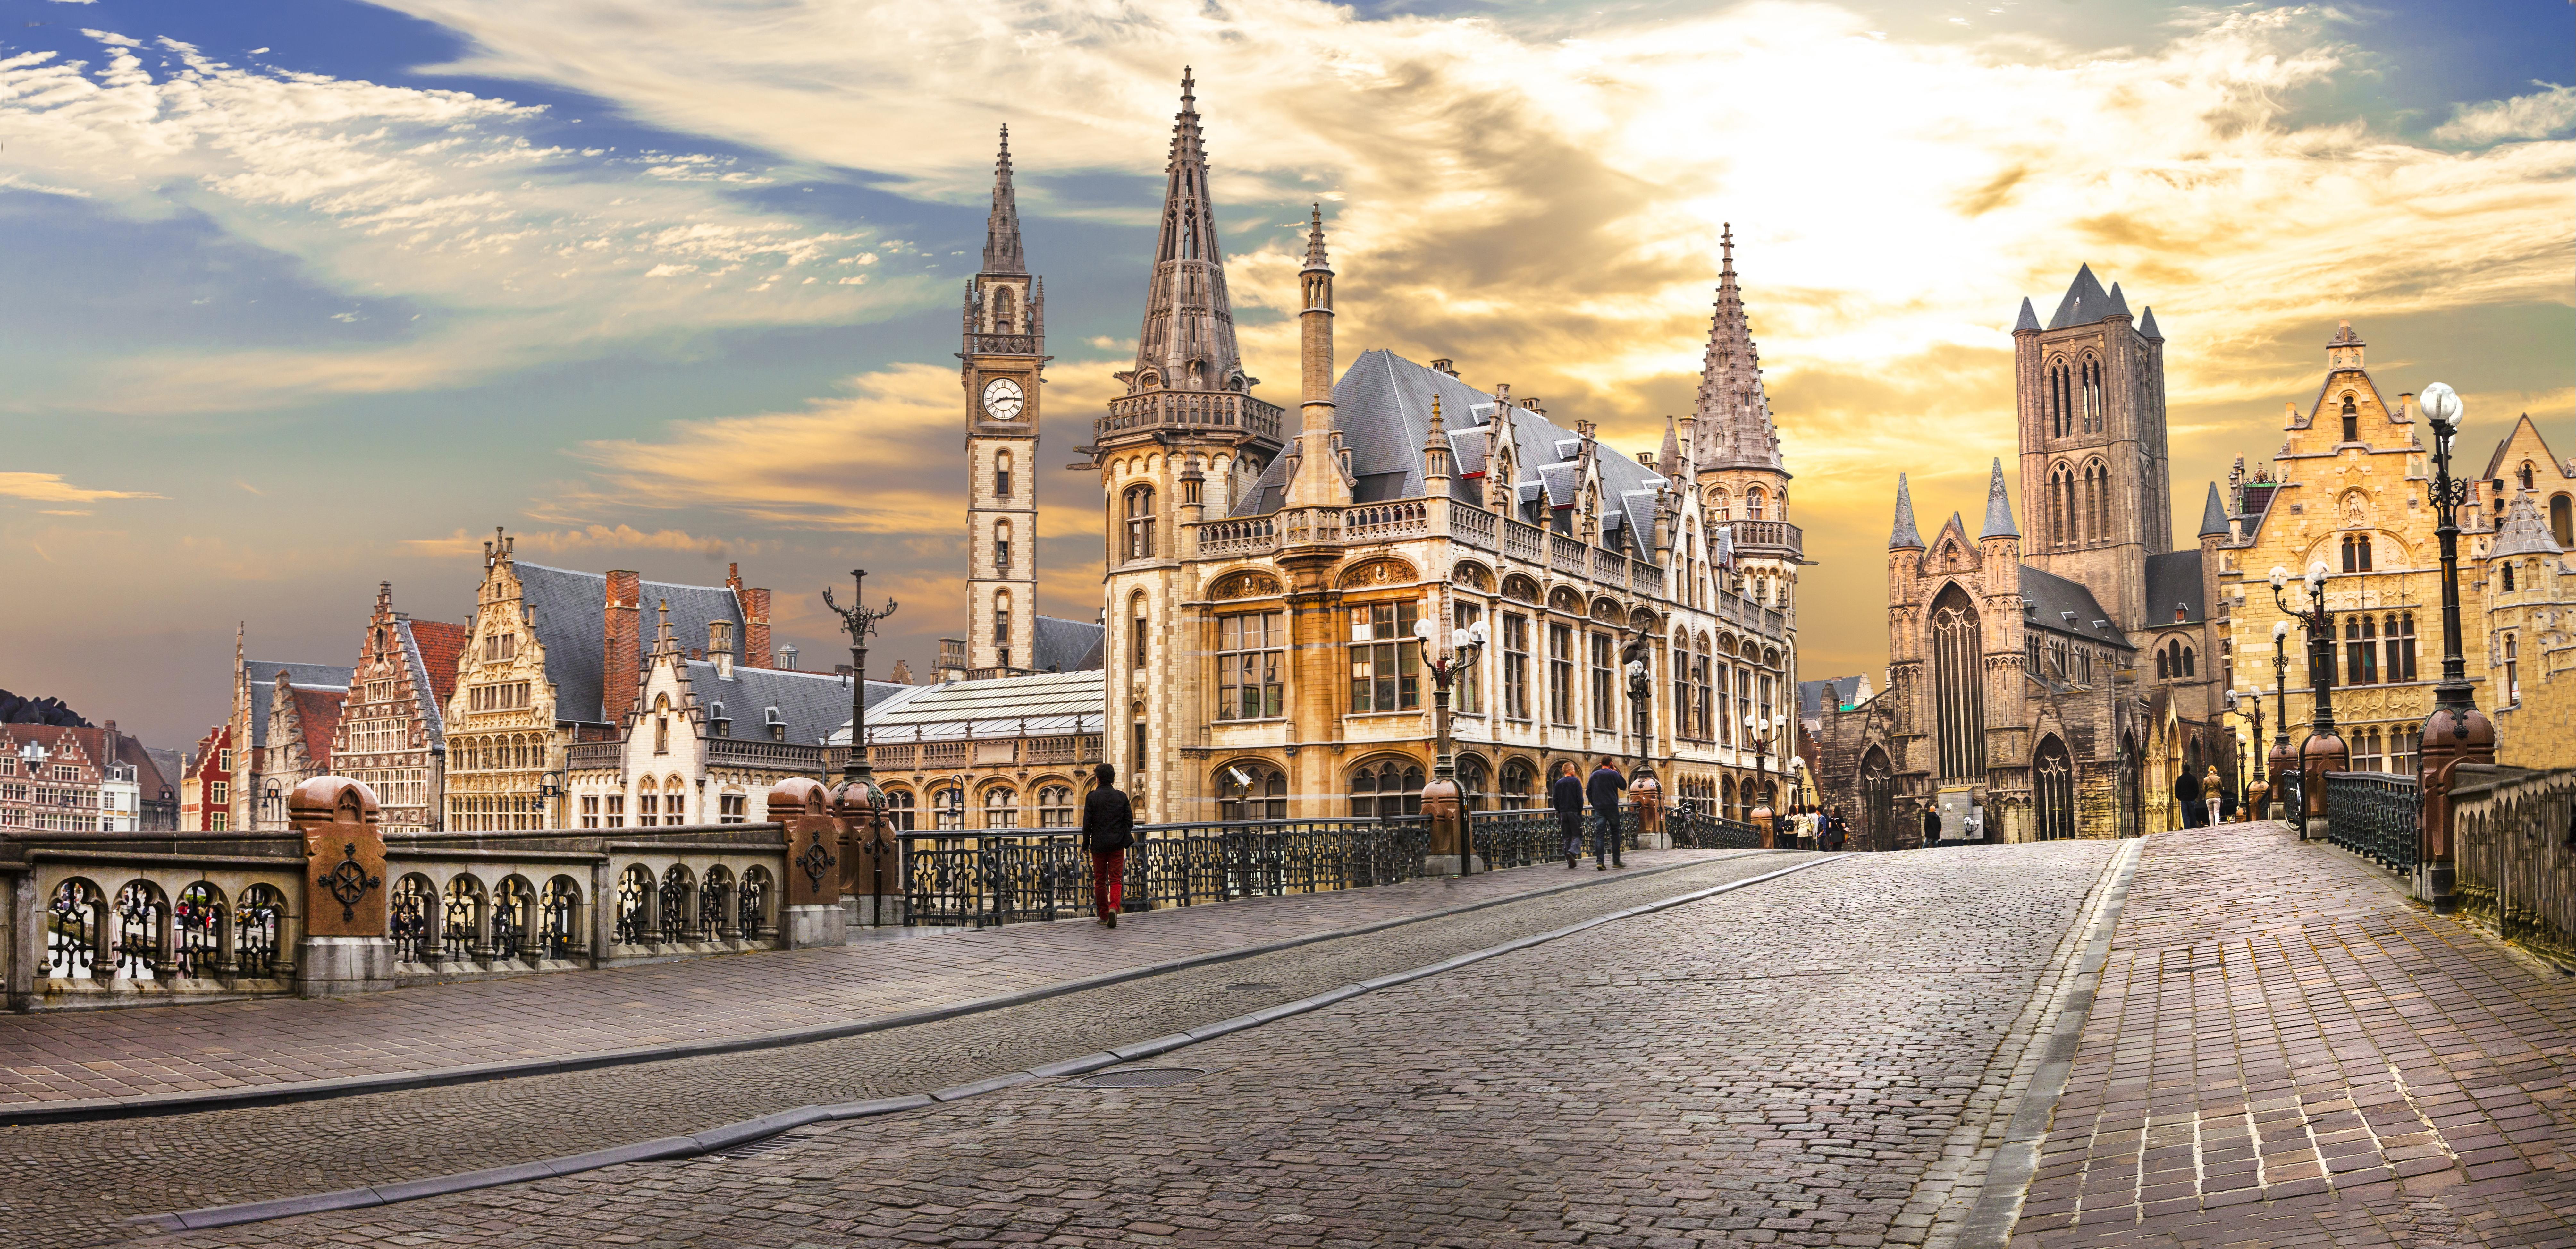 Бельгийский город Гент, недвижимость в котором могут купить иностранцы